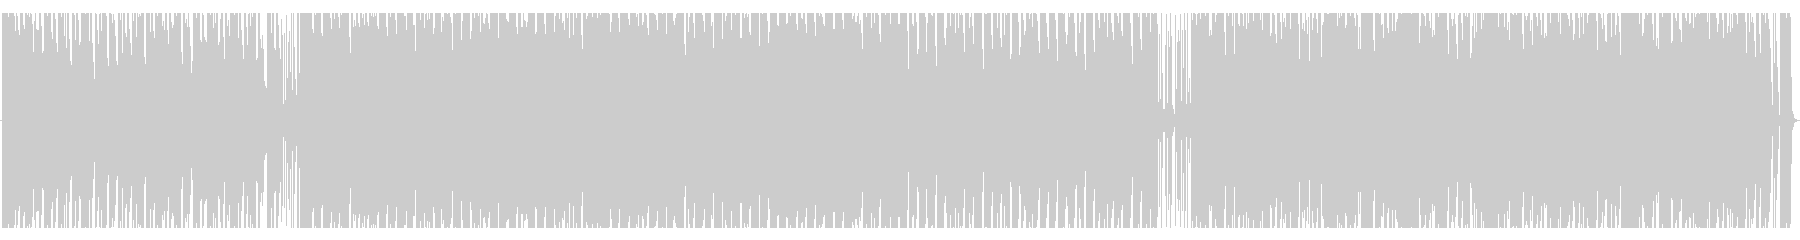 キラキラ/エレクトロポップNo388_3の未再生の波形